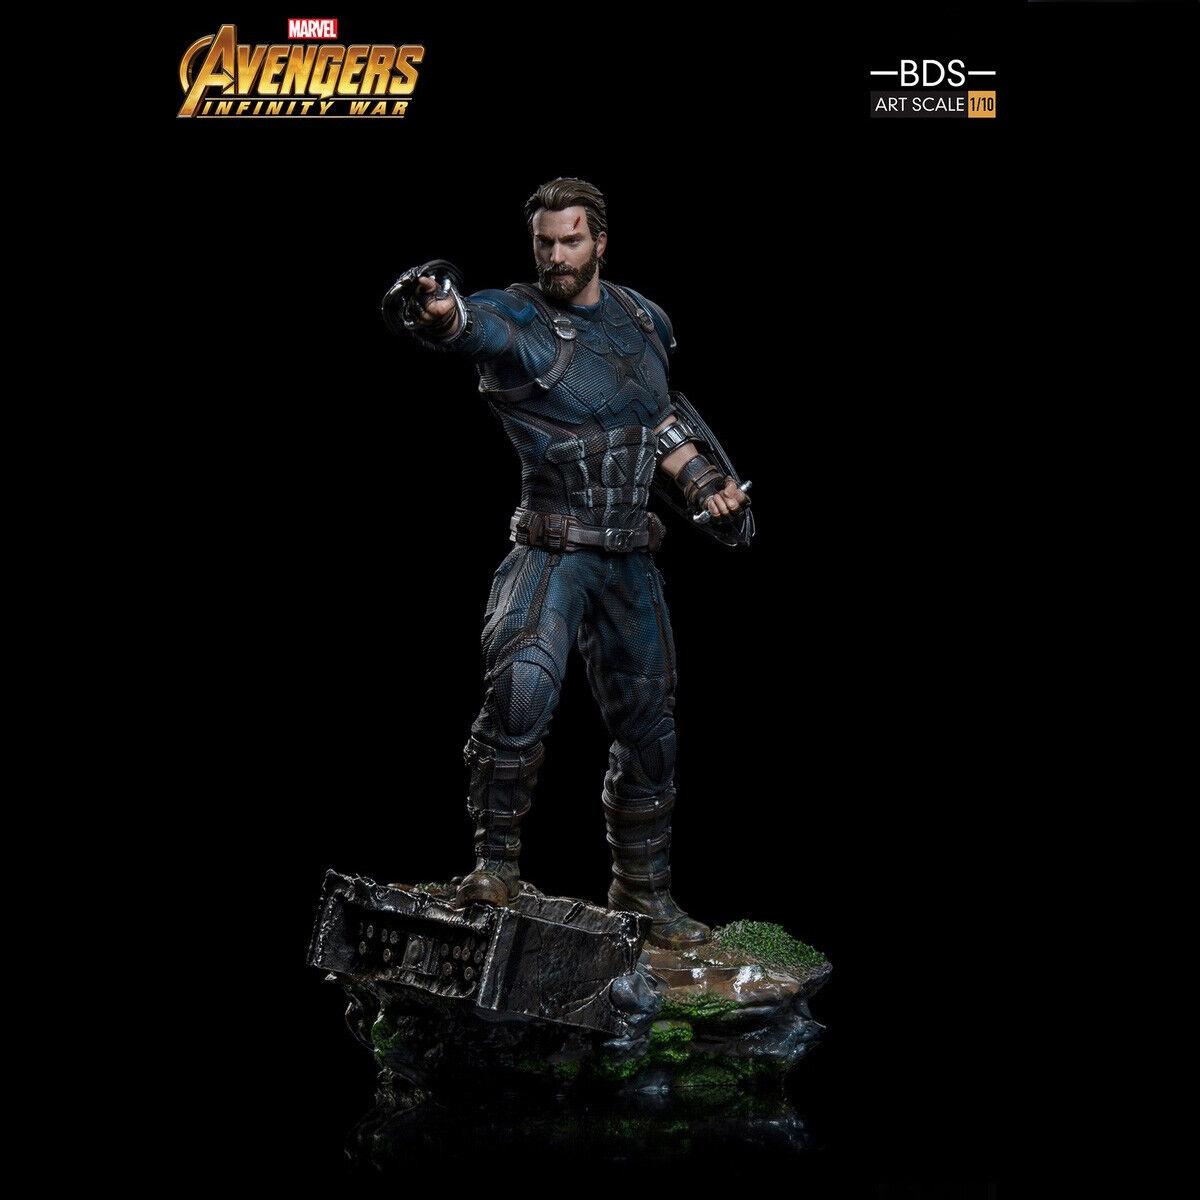 Iron Studios Captain America förundras Avengers Infinity War BDS konst skala 1  10 leksak